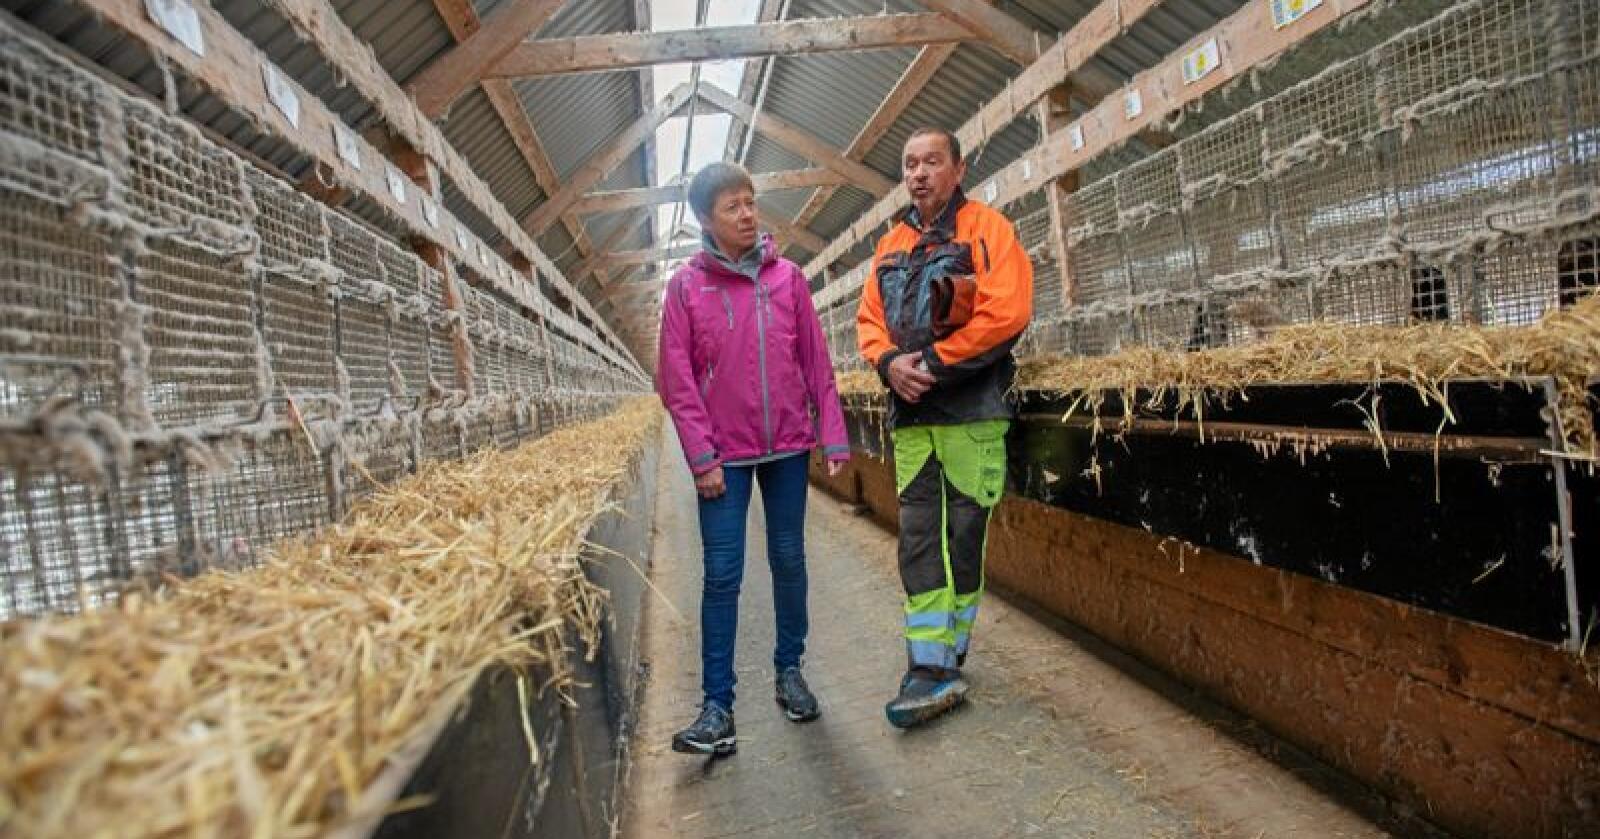 Snart over: Hilde Augdal og Arve Friberg avvikler driften etter at regjeringen har vedtatt næringsforbud. Foto: Håvard Zeiner